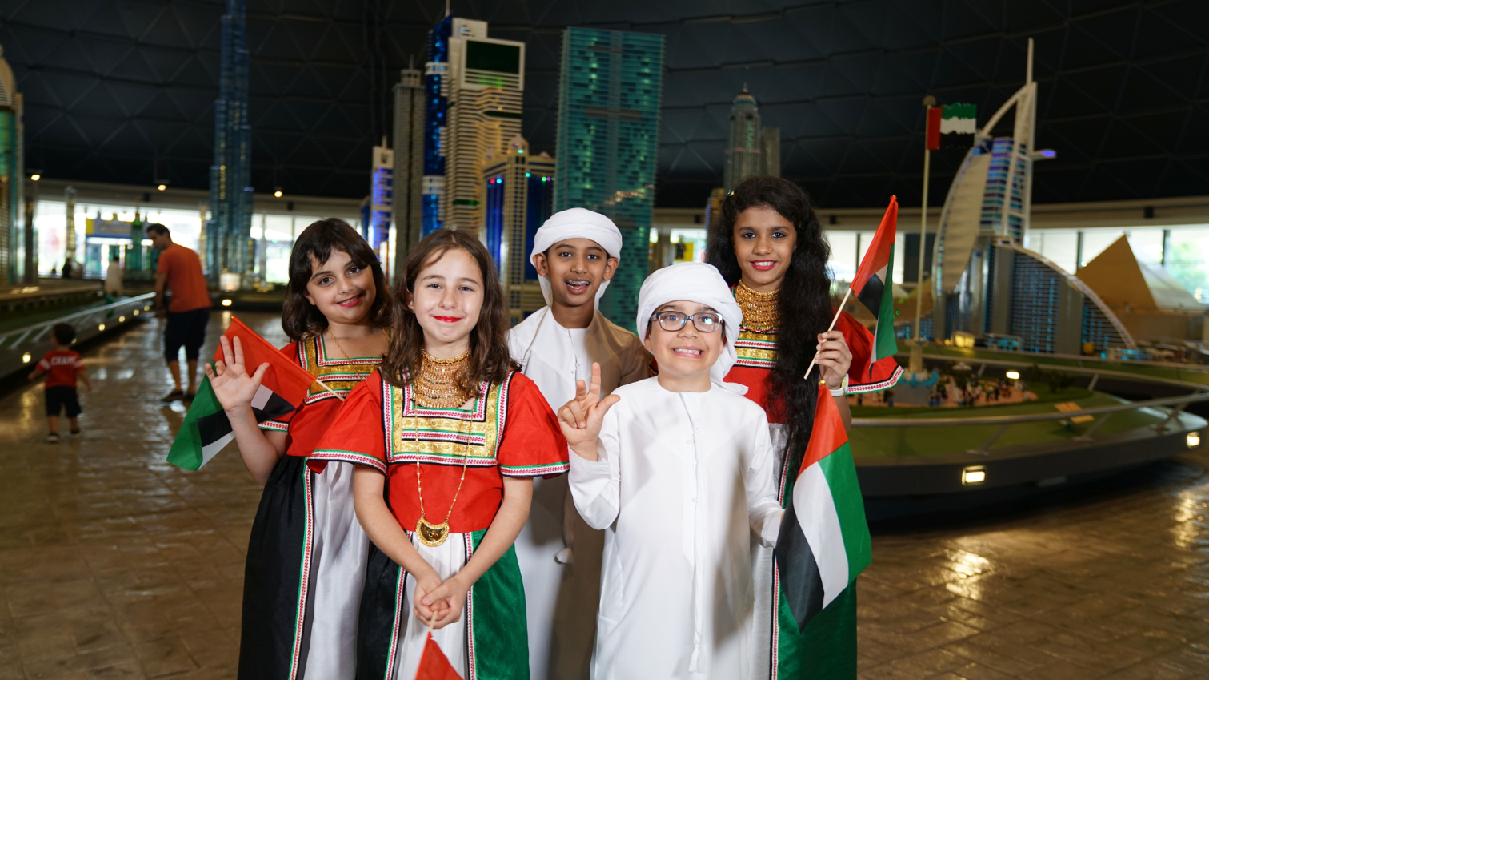 أسعار مخفضة إحتفالاً باليوم الوطني الإماراتي الــ48